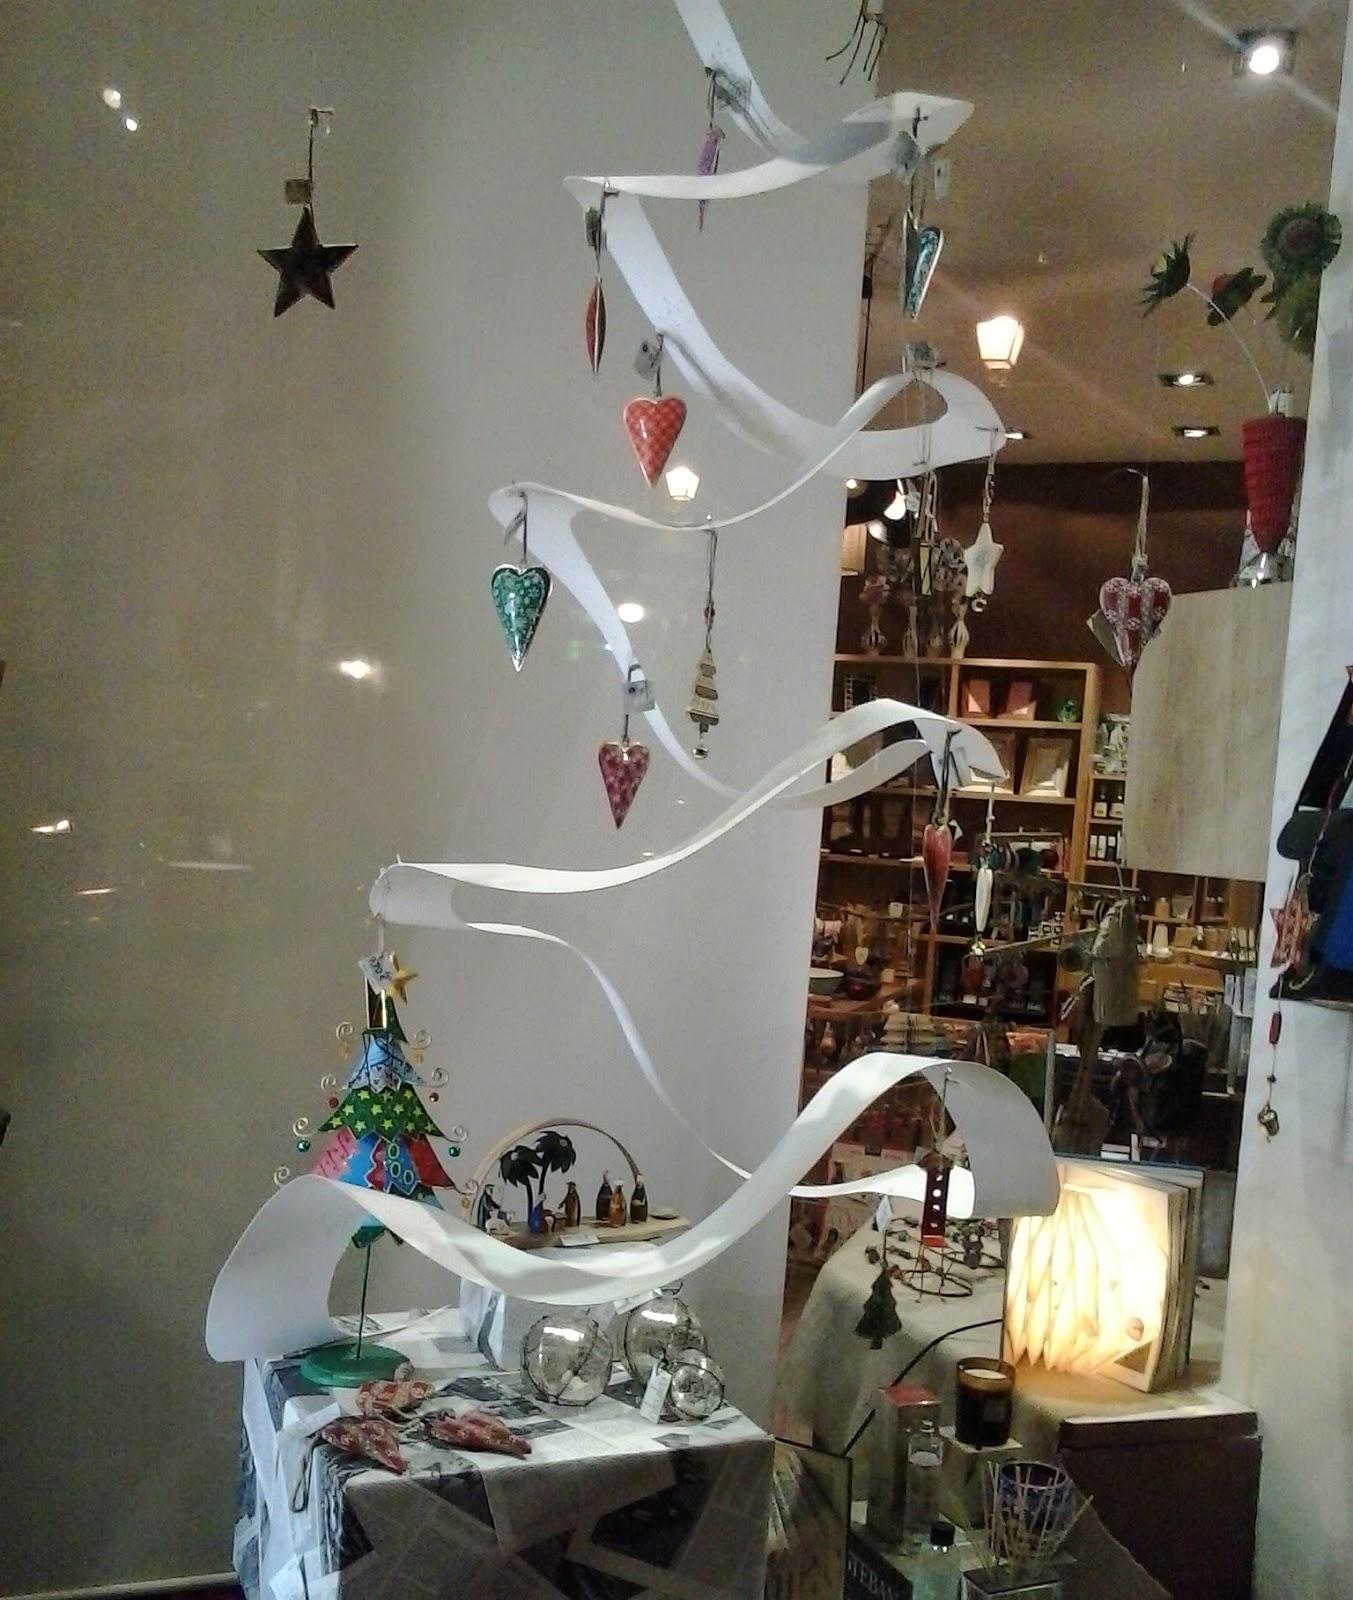 El mundo del reciclaje adornos navide os hechos de for Adornos decorativos